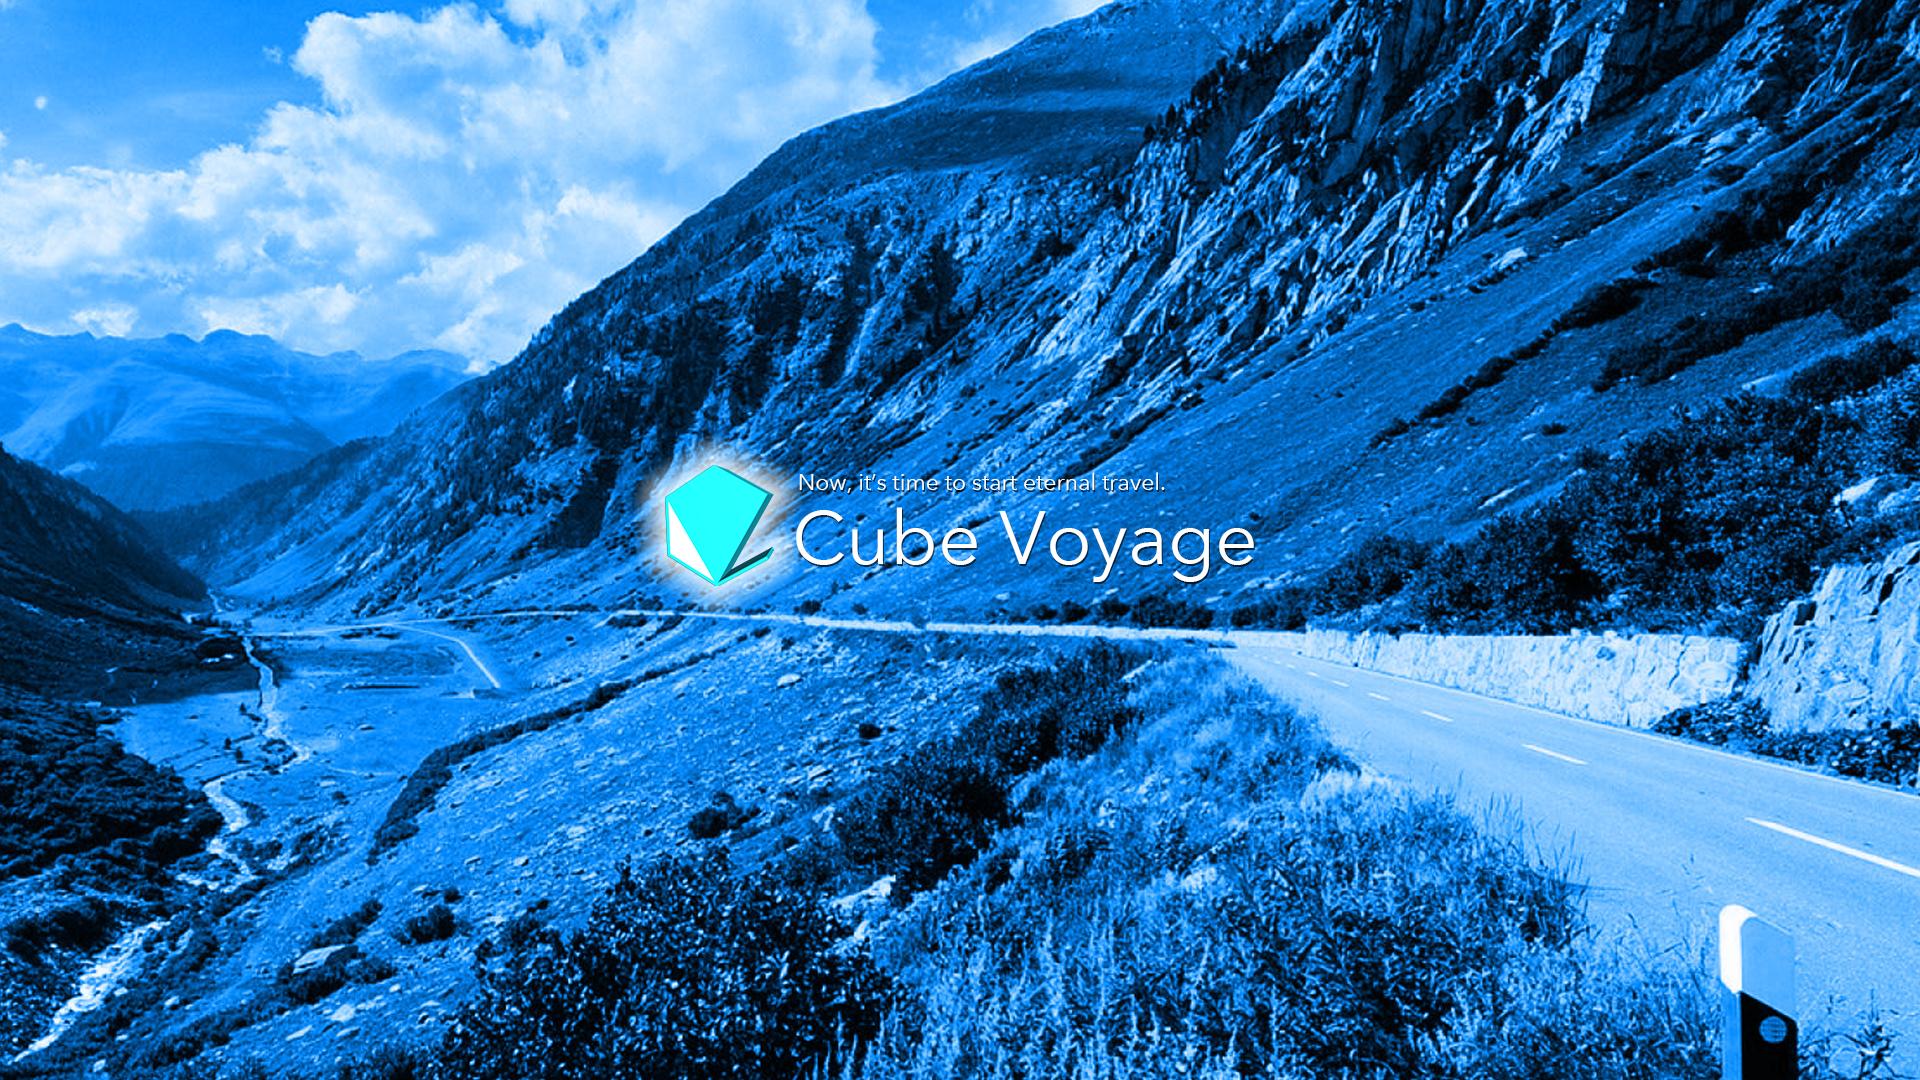 ロゴ 壁紙 Cube Voyage